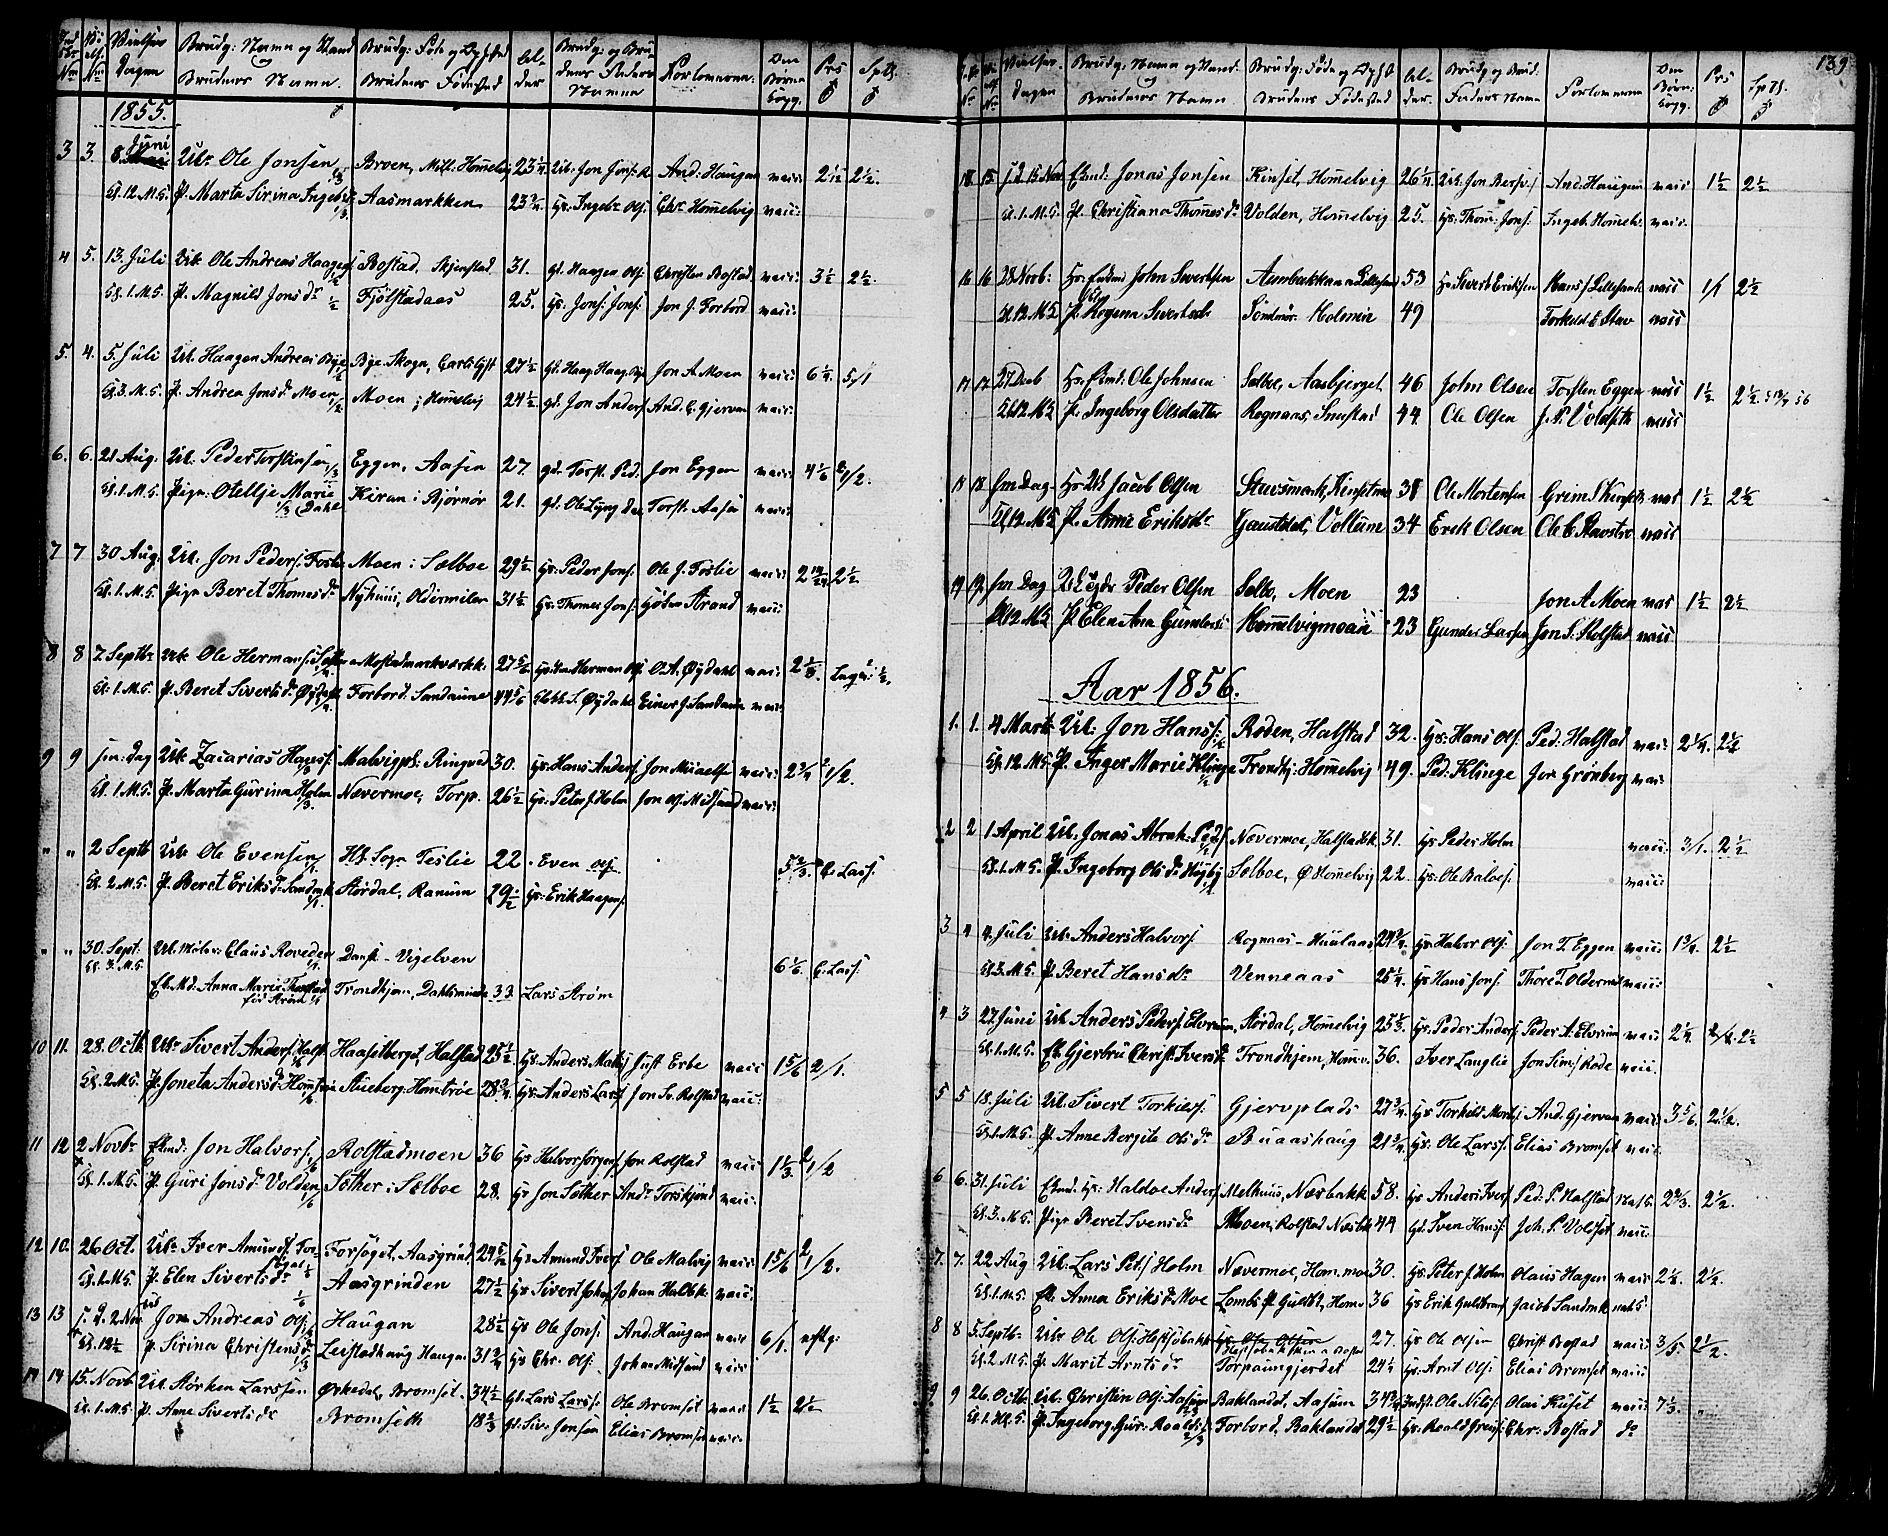 SAT, Ministerialprotokoller, klokkerbøker og fødselsregistre - Sør-Trøndelag, 616/L0422: Klokkerbok nr. 616C05, 1850-1888, s. 139